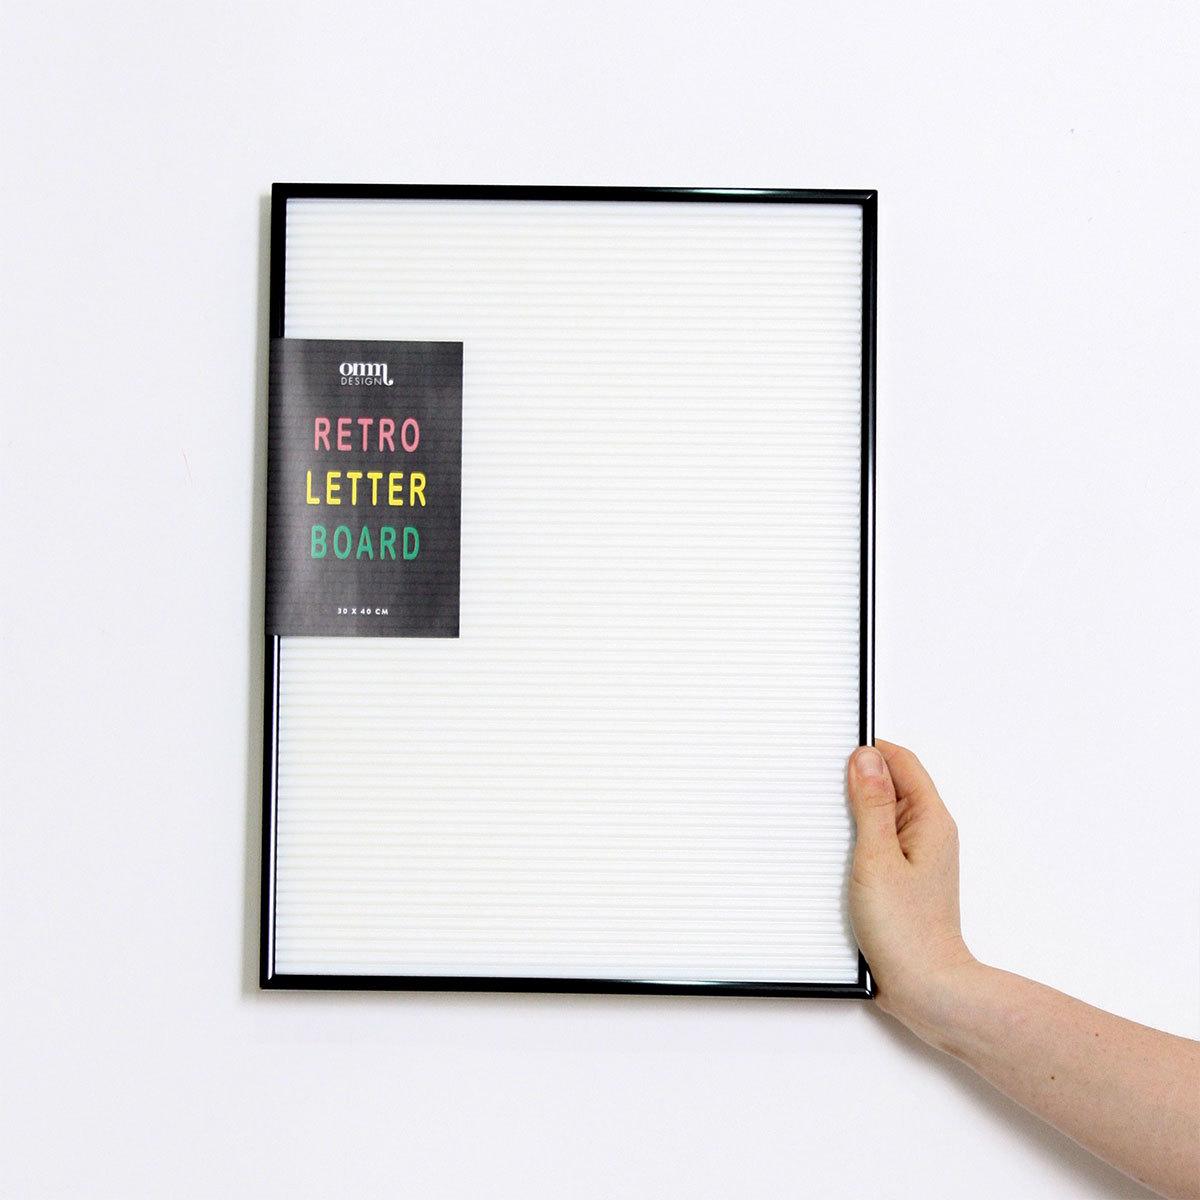 Objet décoration Tableau à Messages - Blanc avec Cadre Noir